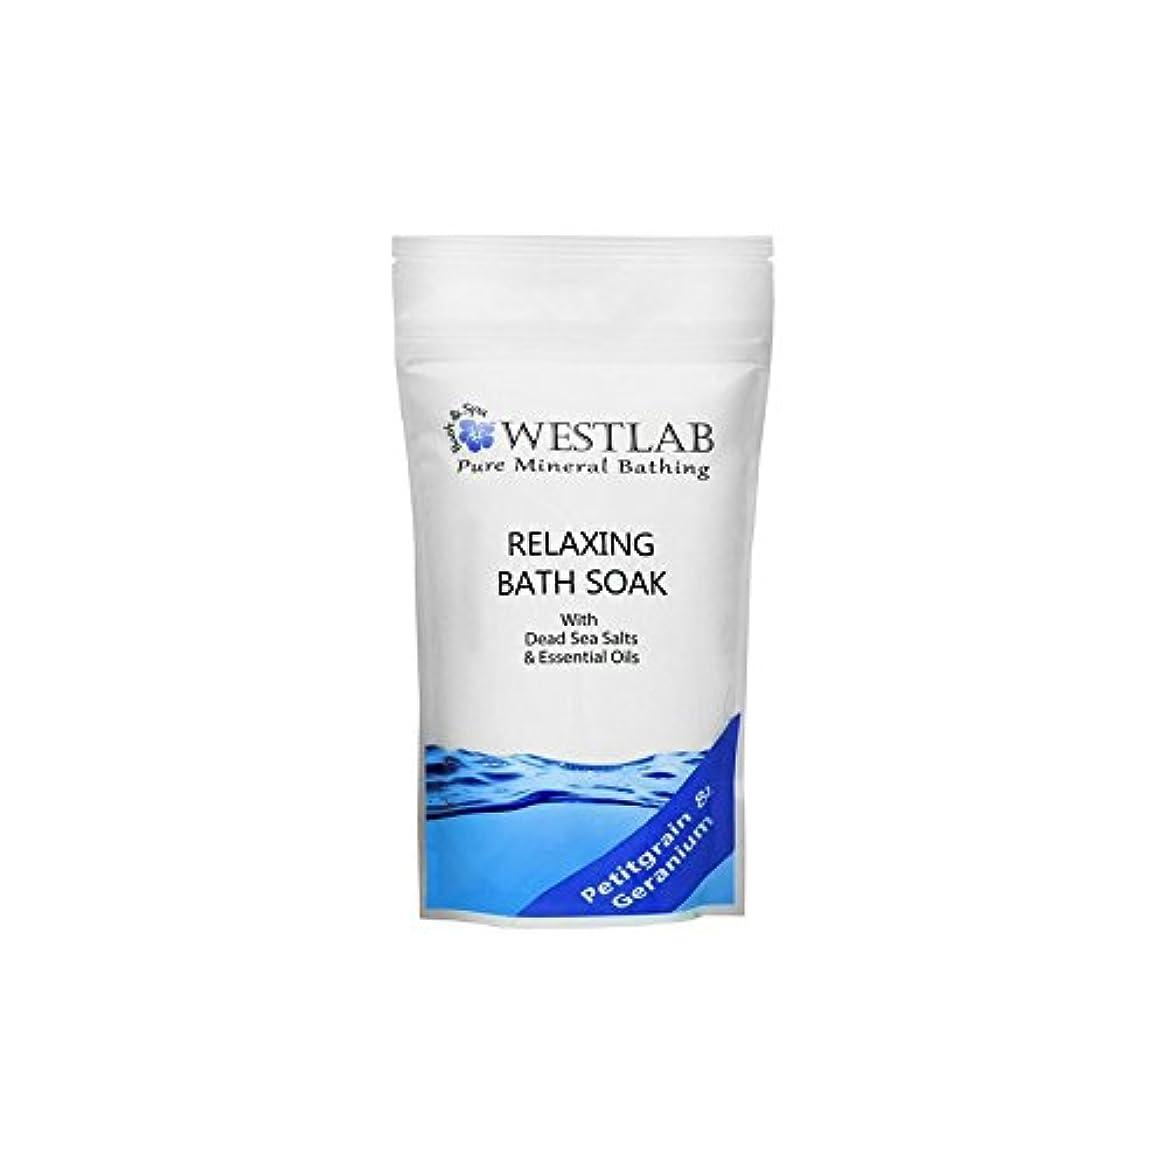 死海の塩浴浸漬(500グラム)をリラックス x2 - Westlab Relax Dead Sea Salt Bath Soak (500g) (Pack of 2) [並行輸入品]